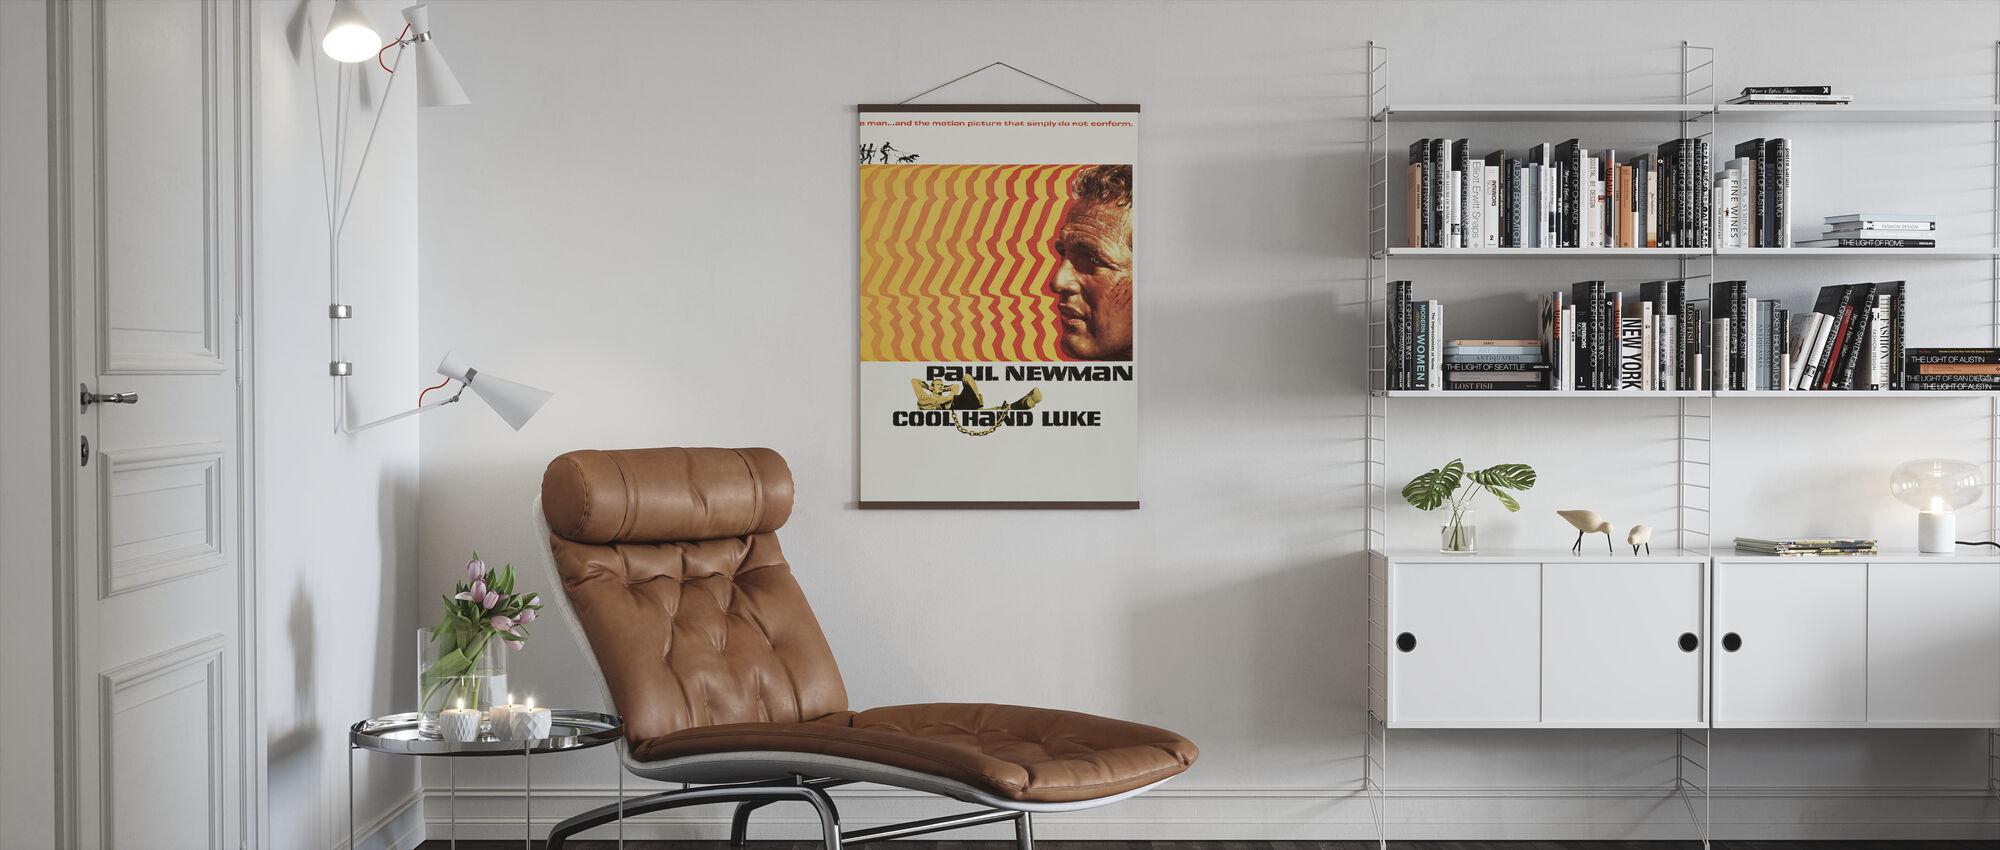 Cool Hand Luke - Poster - Living Room